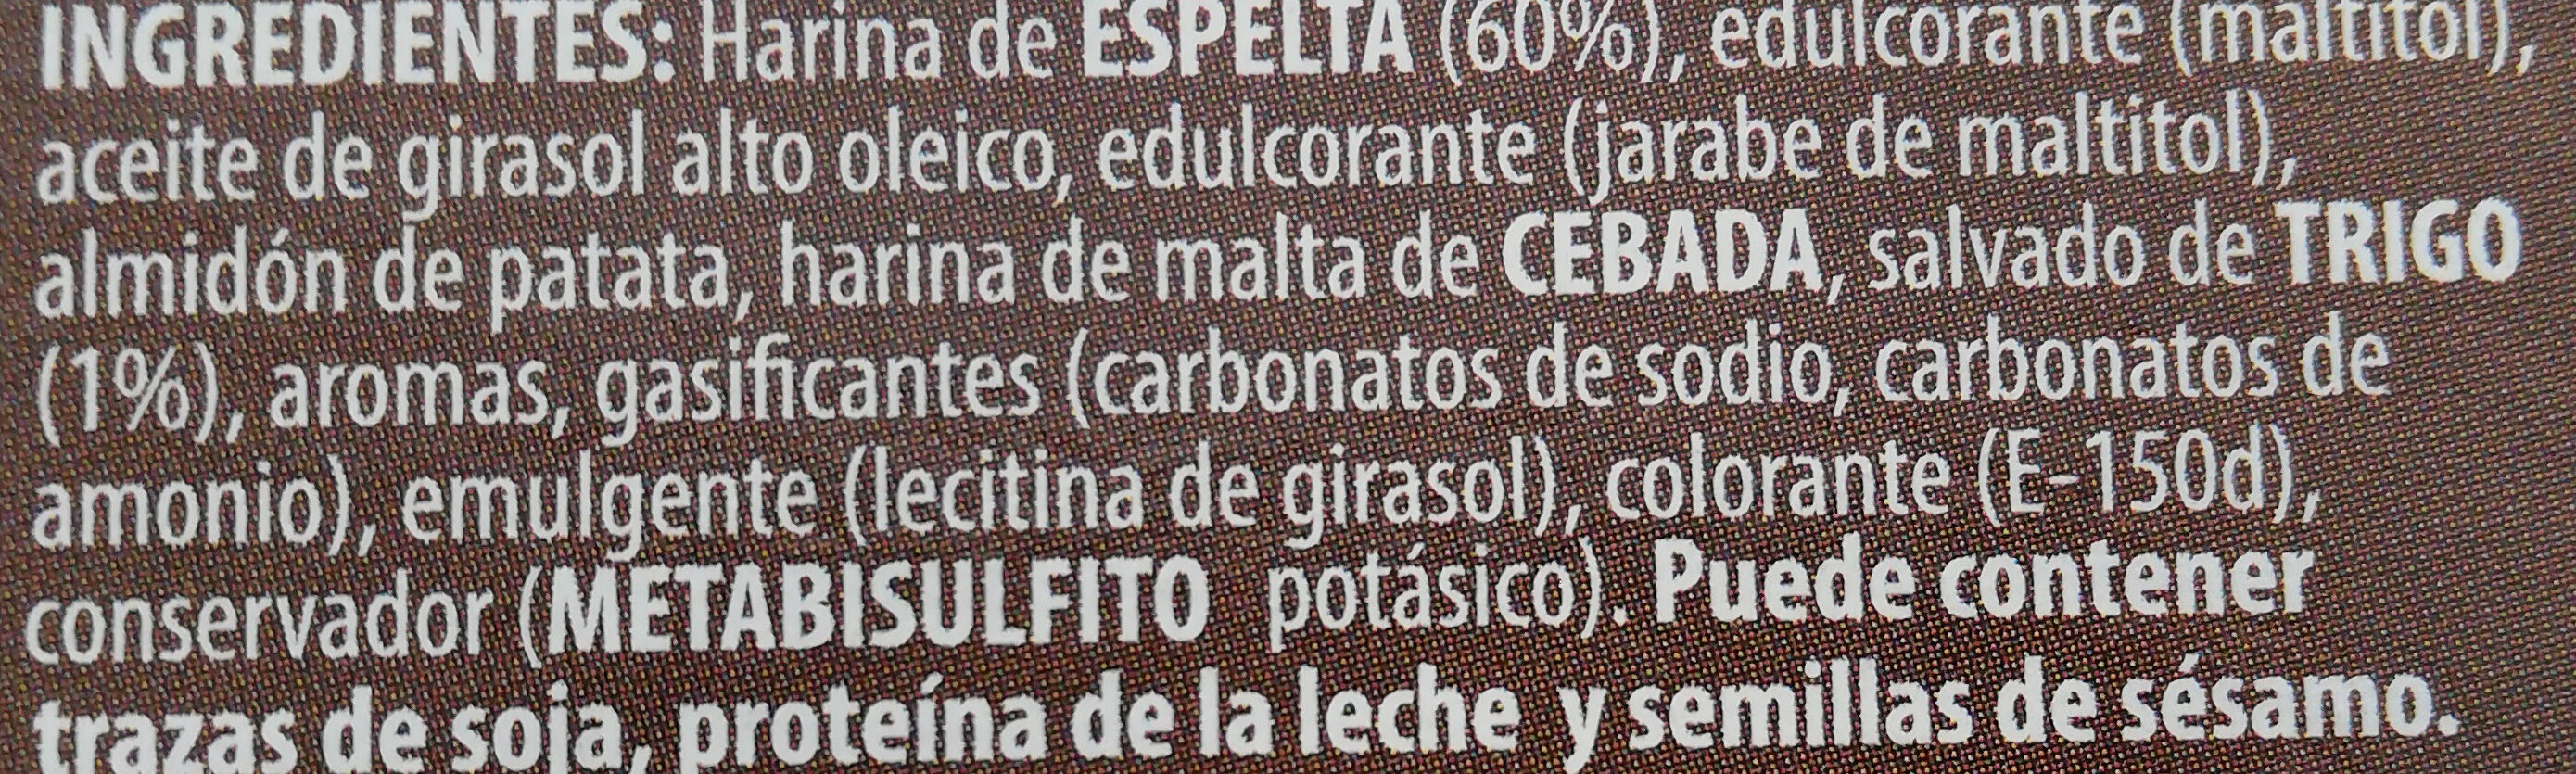 B-san galletas integrales finas de espelta bajas - Ingredients - es